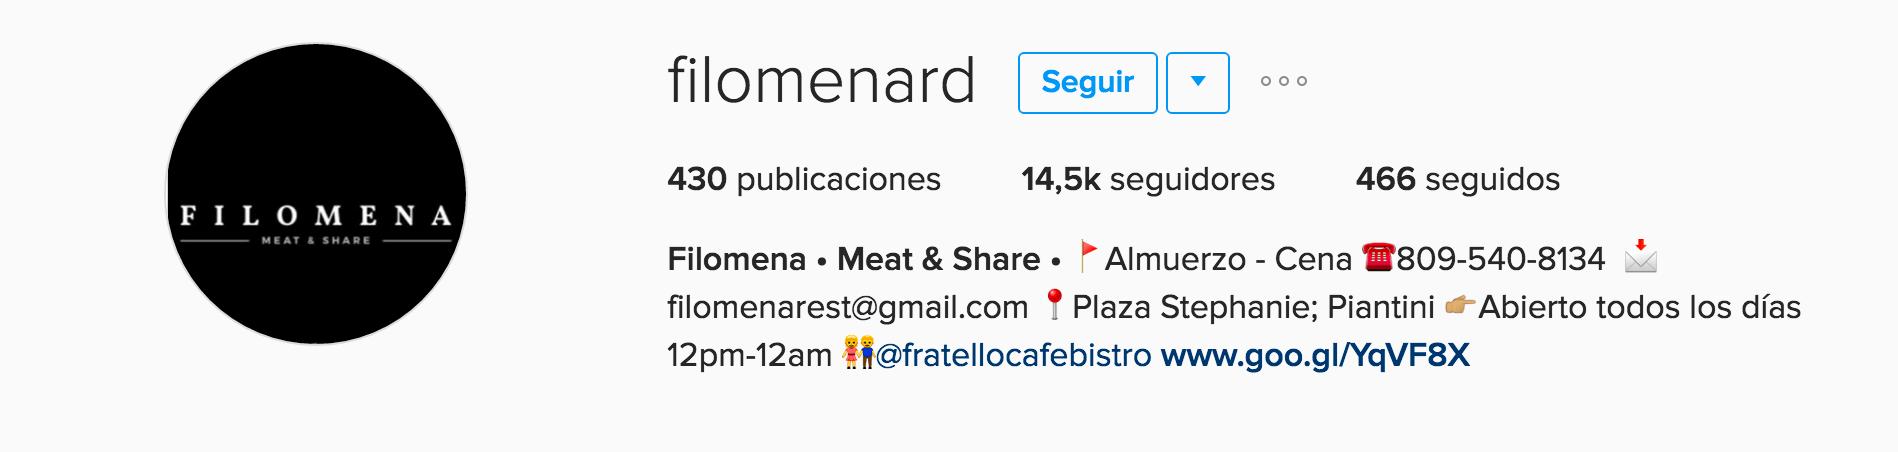 filomena instagram para empresas